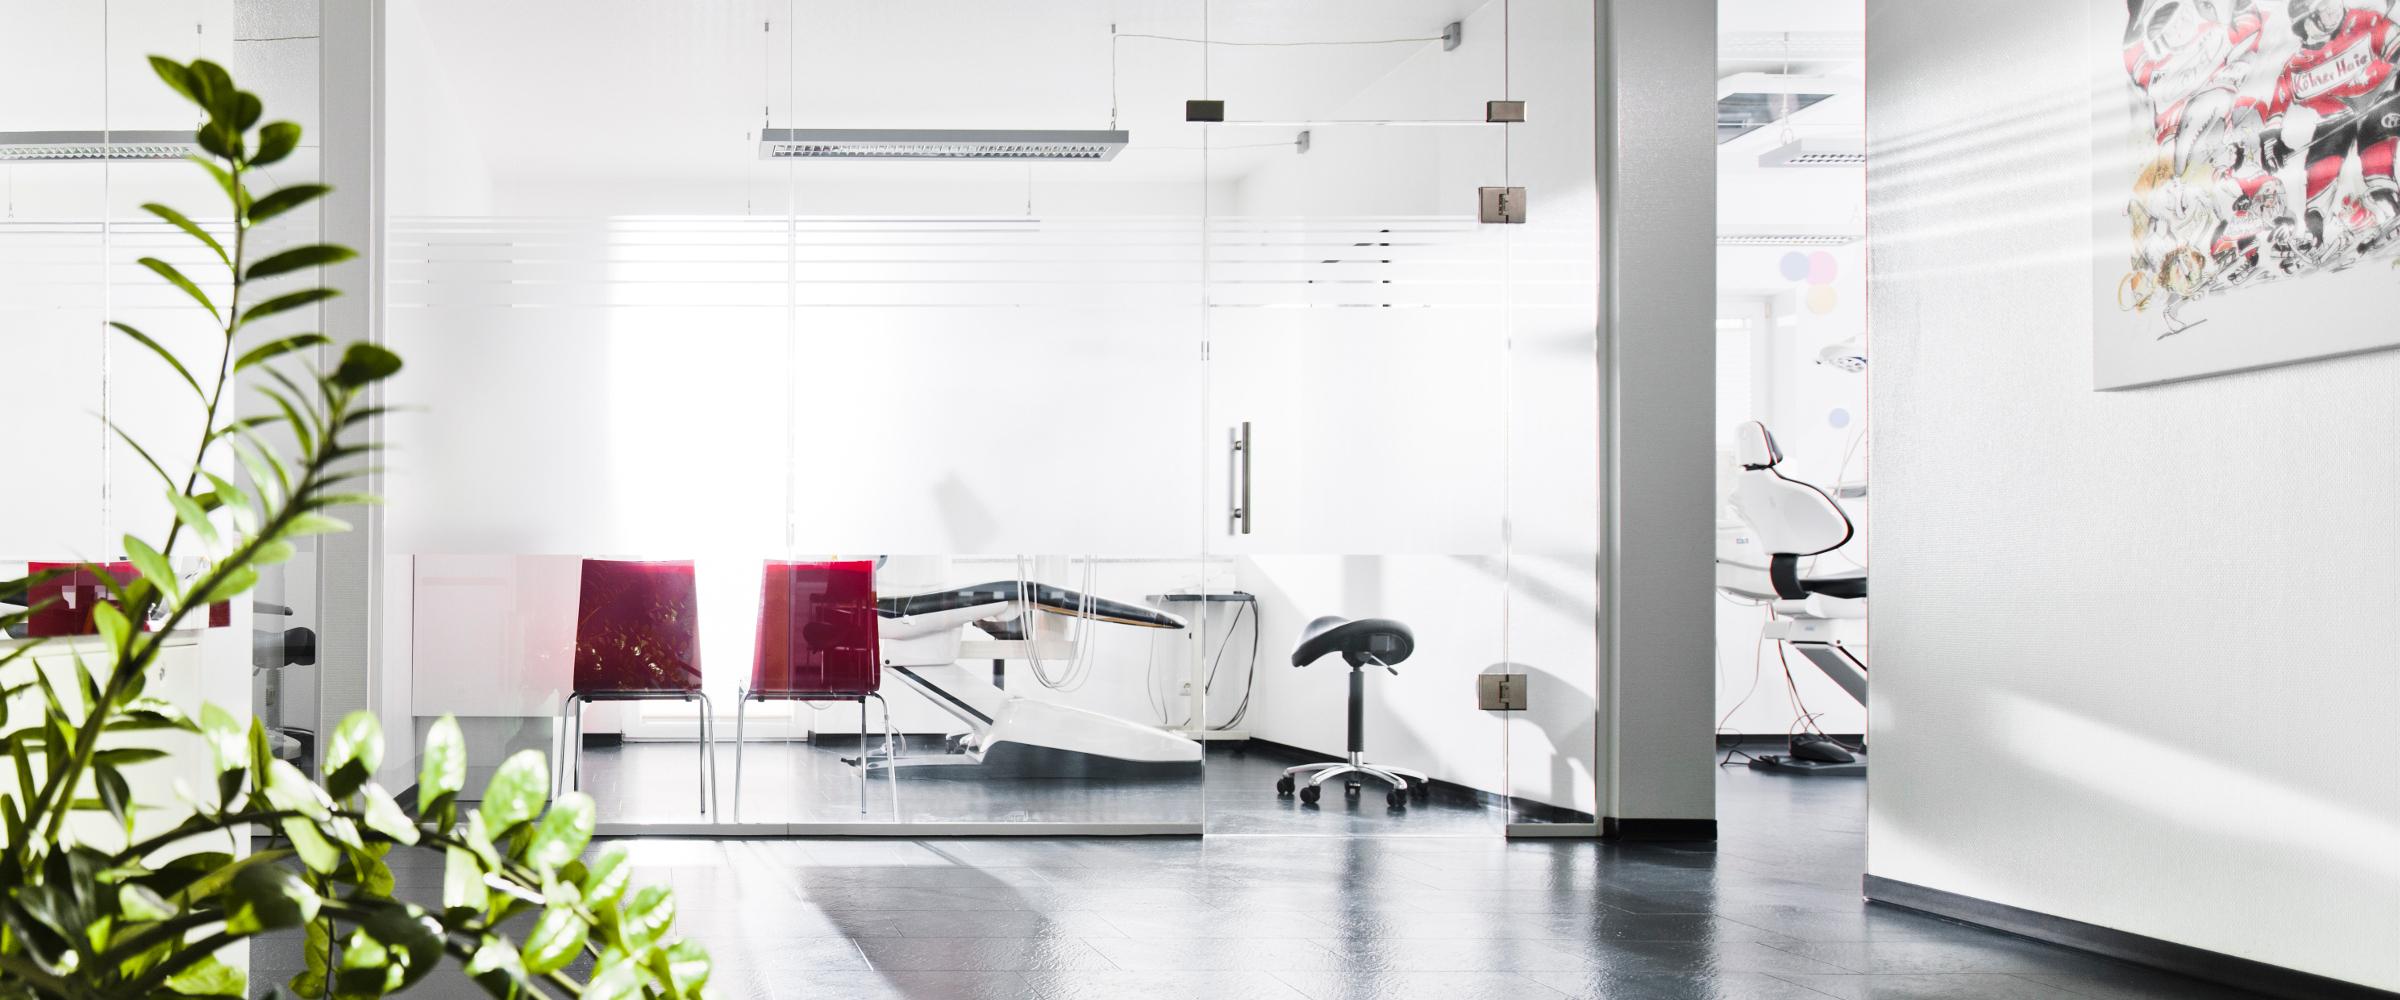 Eingangsbereich und Behandlungszimmer